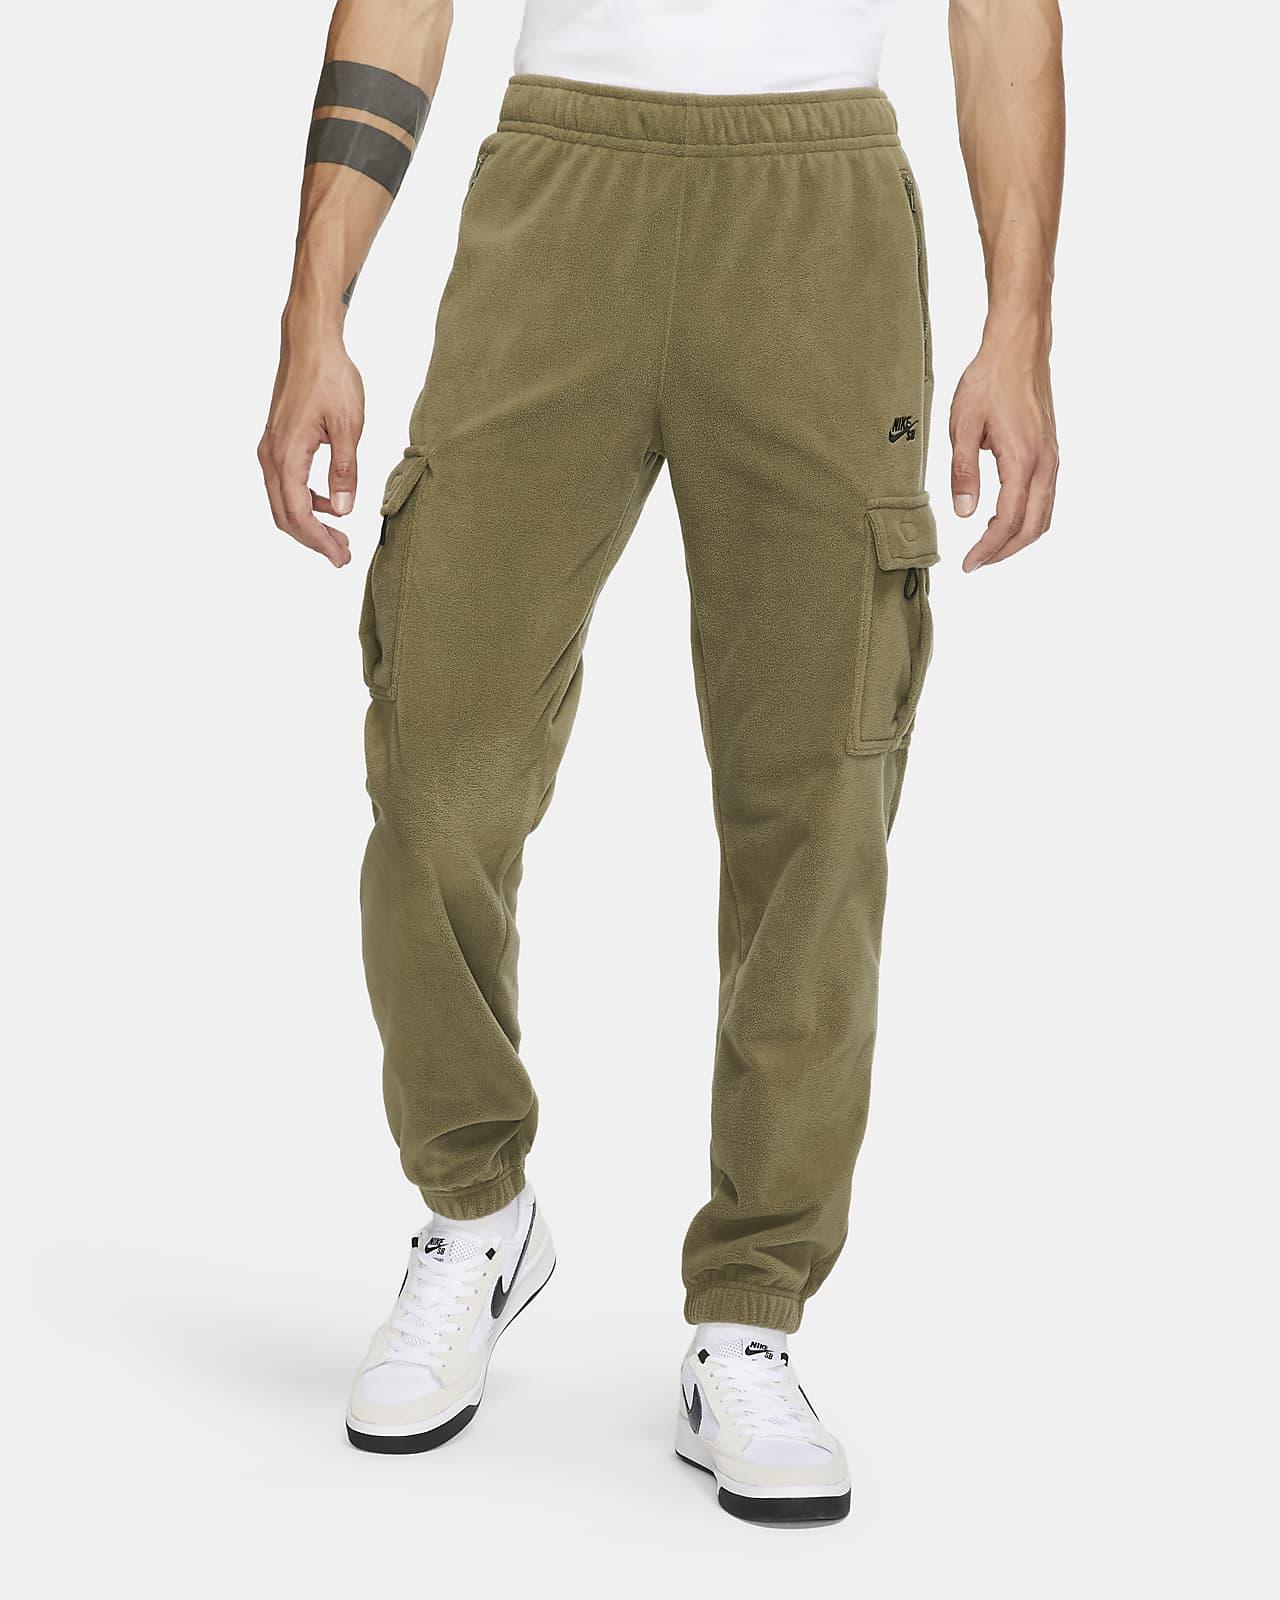 Pantalones cargo de skateboarding para hombre Nike SB